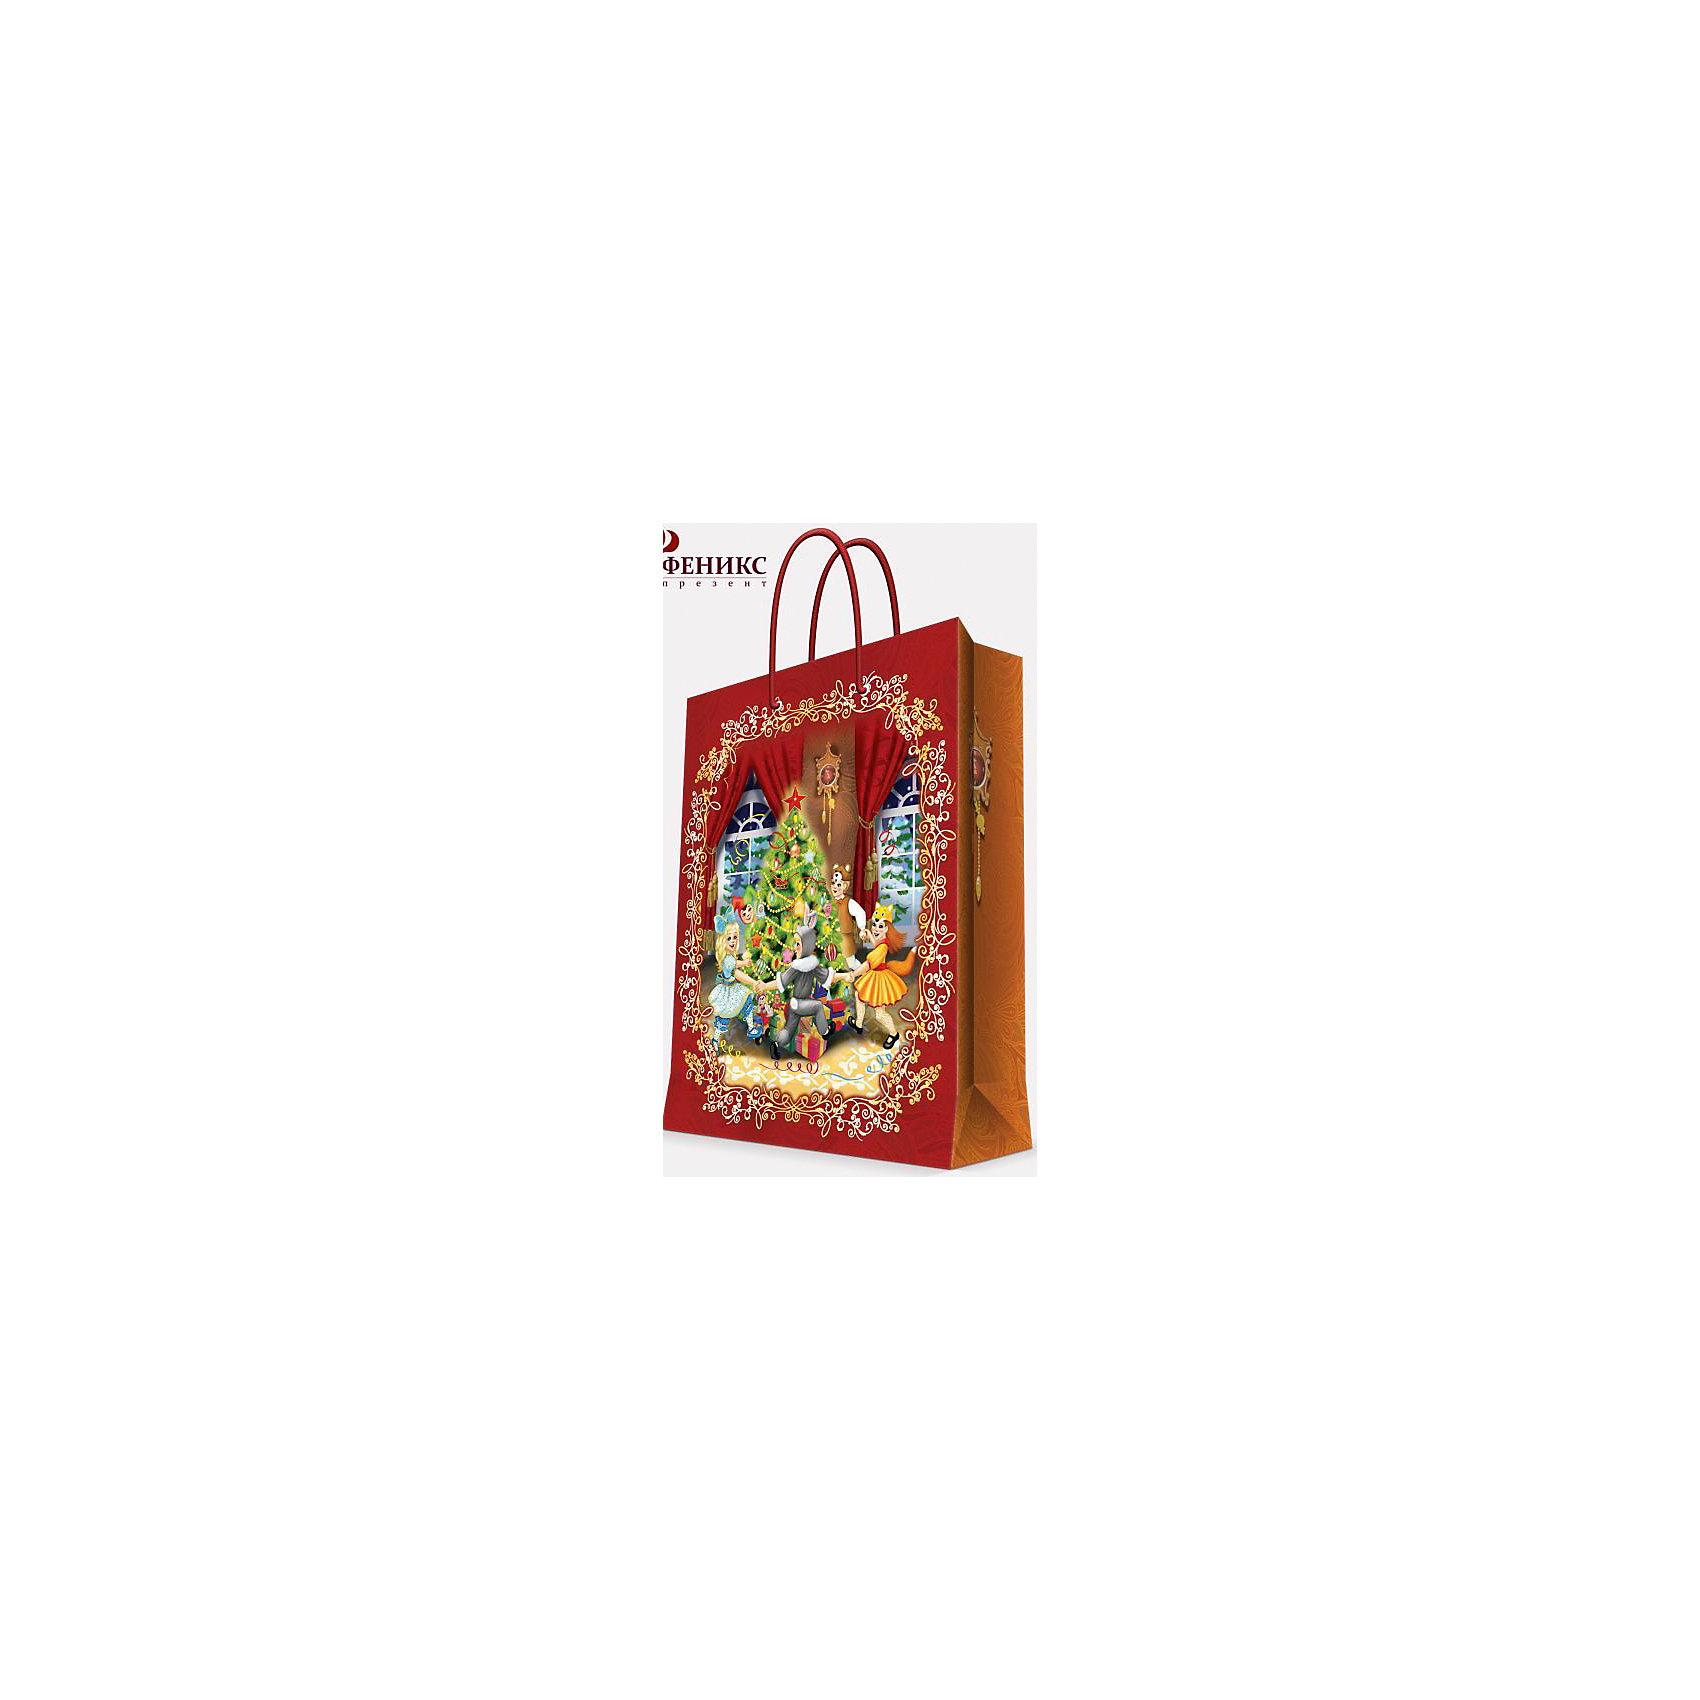 Подарочный пакет Веселый хоровод 17,8*22,9*9,8 смПредновогодние хлопоты многие любят даже больше самого праздника! Праздничное настроение создает украшенный дом, наряженная ёлка, запах мандаринов, предновогодняя суета и, конечно же, подарки! Чтобы сделать момент вручения приятнее, нужен красивый подарочный пакет.<br>Этот пакет украшен симпатичным универсальным рисунком, поэтому в него можно упаковать подарок и родственнику, и коллеге. Он сделан из безопасного для детей, прочного, но легкого, материала. Создайте с ним праздничное настроение себе и близким!<br><br>Дополнительная информация:<br><br>плотность бумаги: 140 г/м2;<br>размер: 18 х 23 х 10 см;<br>с ламинацией;<br>украшен рисунком.<br><br>Подарочный пакет Веселый хоровод 17,8*22,9*9,8 см можно купить в нашем магазине.<br><br>Ширина мм: 178<br>Глубина мм: 229<br>Высота мм: 98<br>Вес г: 42<br>Возраст от месяцев: 36<br>Возраст до месяцев: 2147483647<br>Пол: Унисекс<br>Возраст: Детский<br>SKU: 4981568